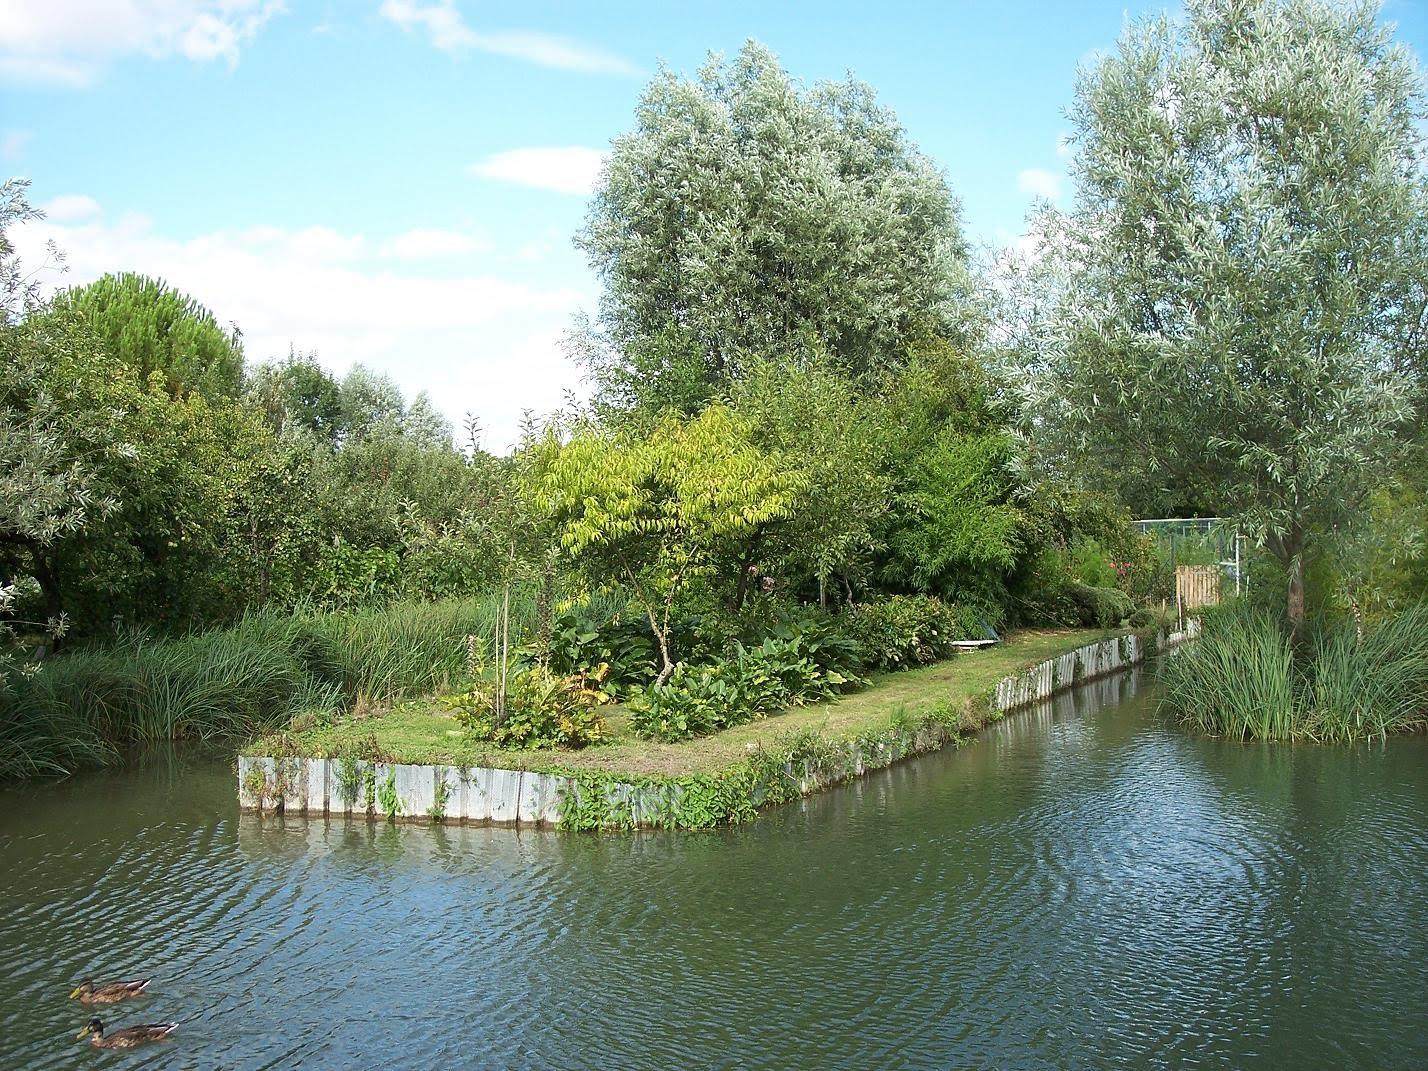 Le blog de parcs et jardins de l 39 oise les marais de bourges for Entretien jardin bourges